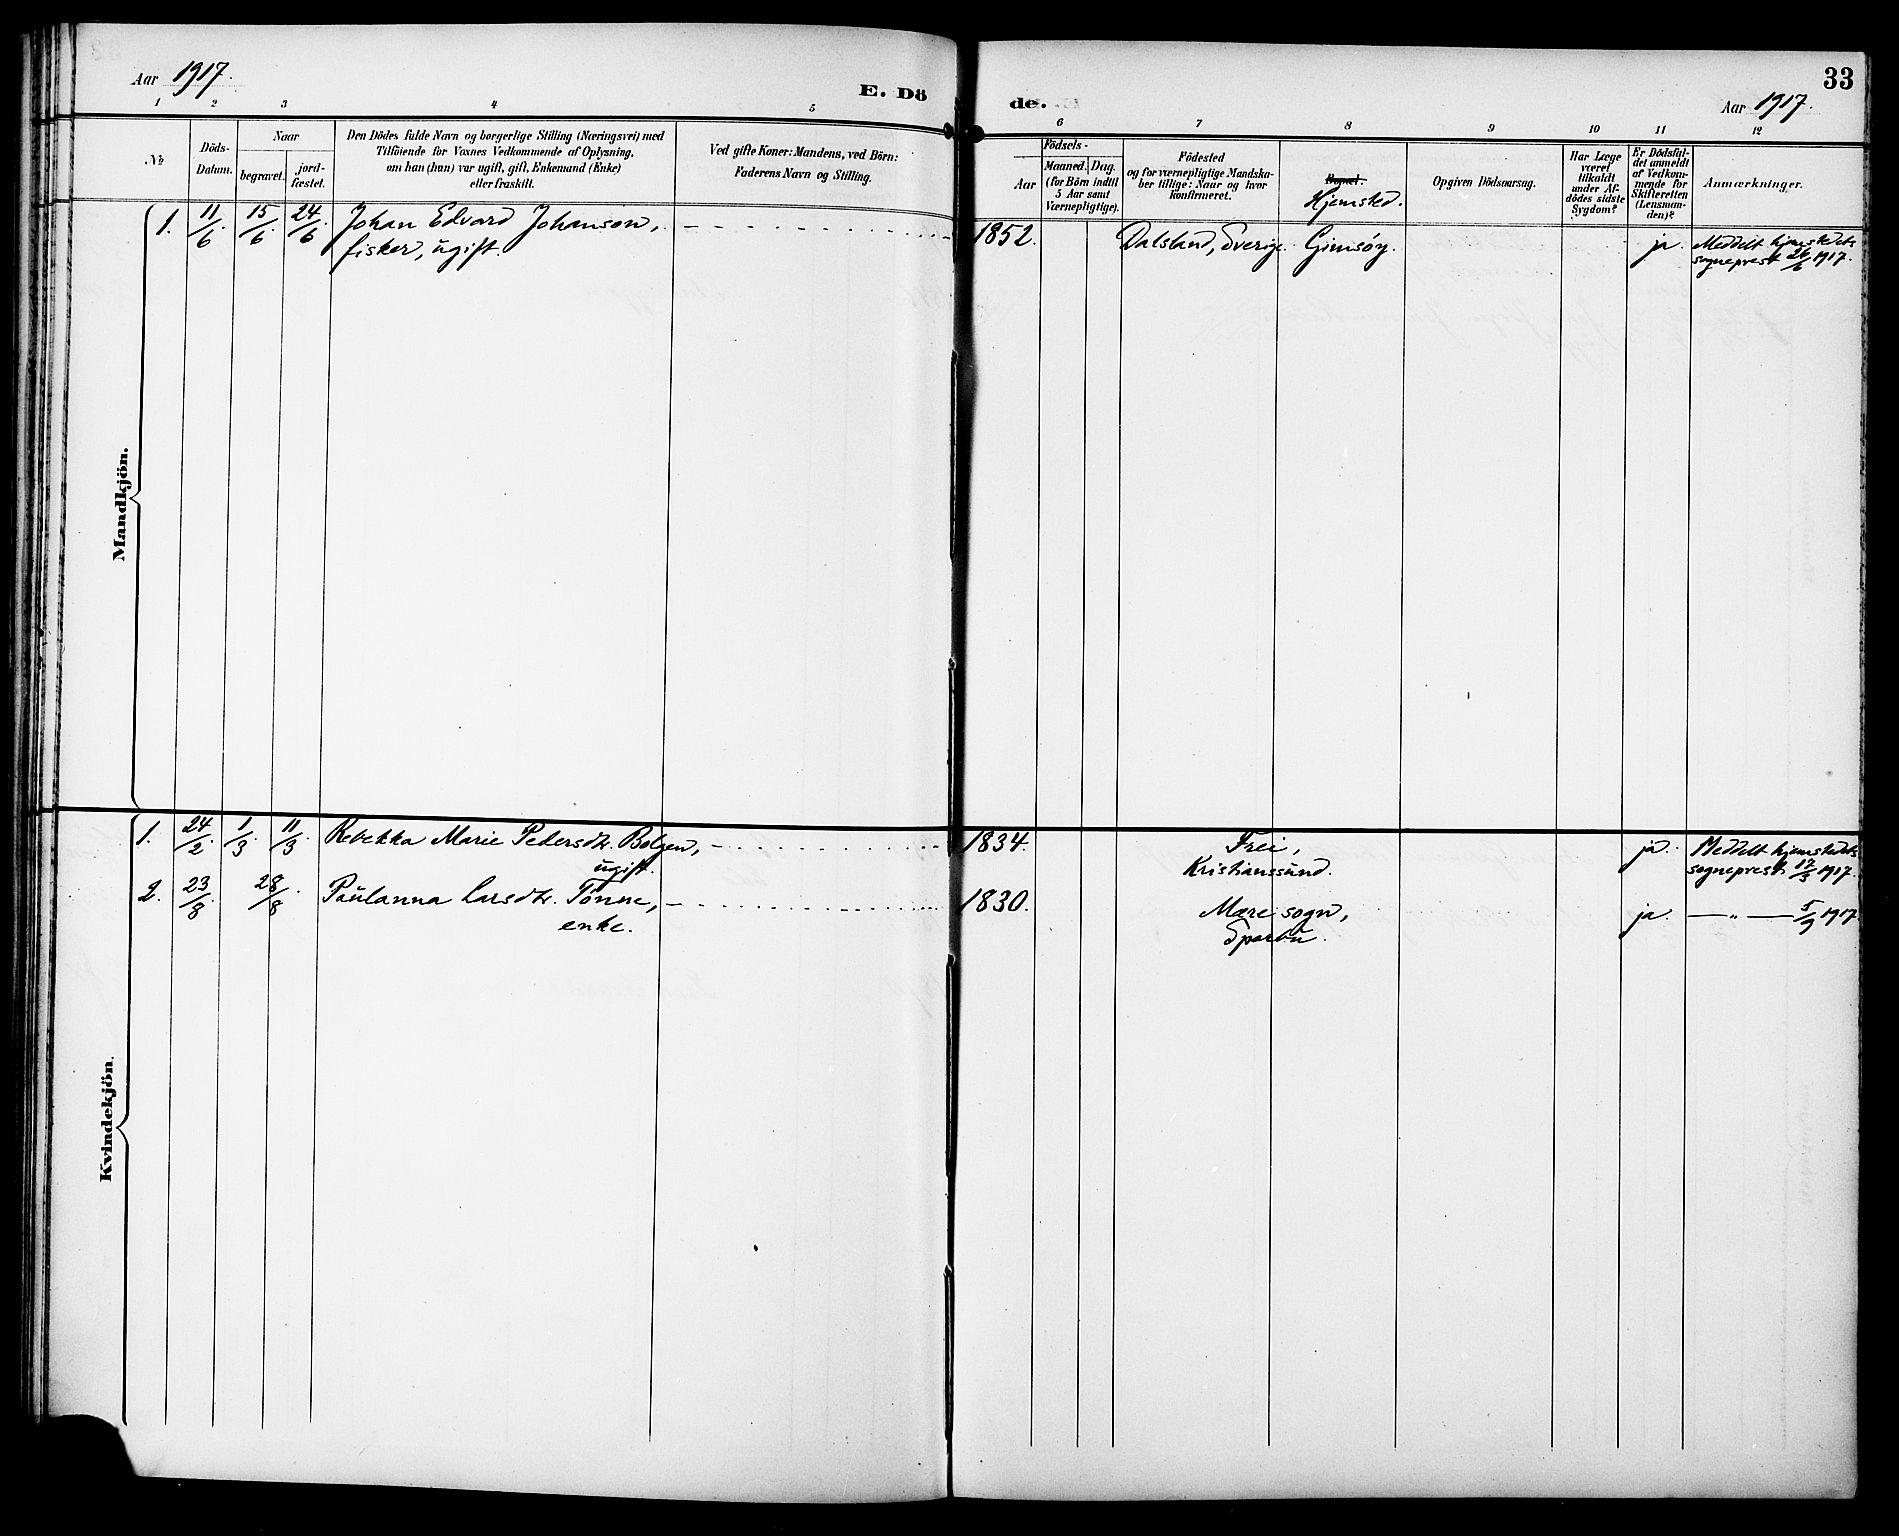 SAT, Ministerialprotokoller, klokkerbøker og fødselsregistre - Sør-Trøndelag, 629/L0486: Ministerialbok nr. 629A02, 1894-1919, s. 33